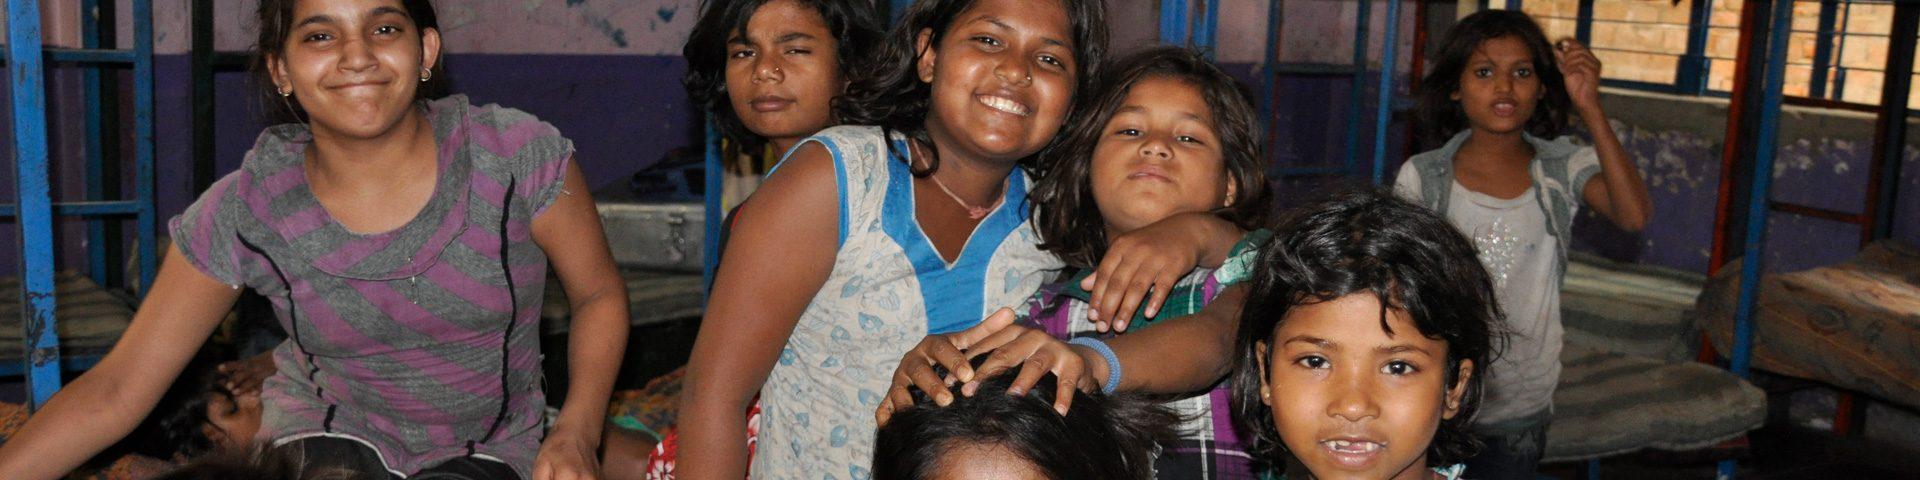 Kinderen kijken in camera .